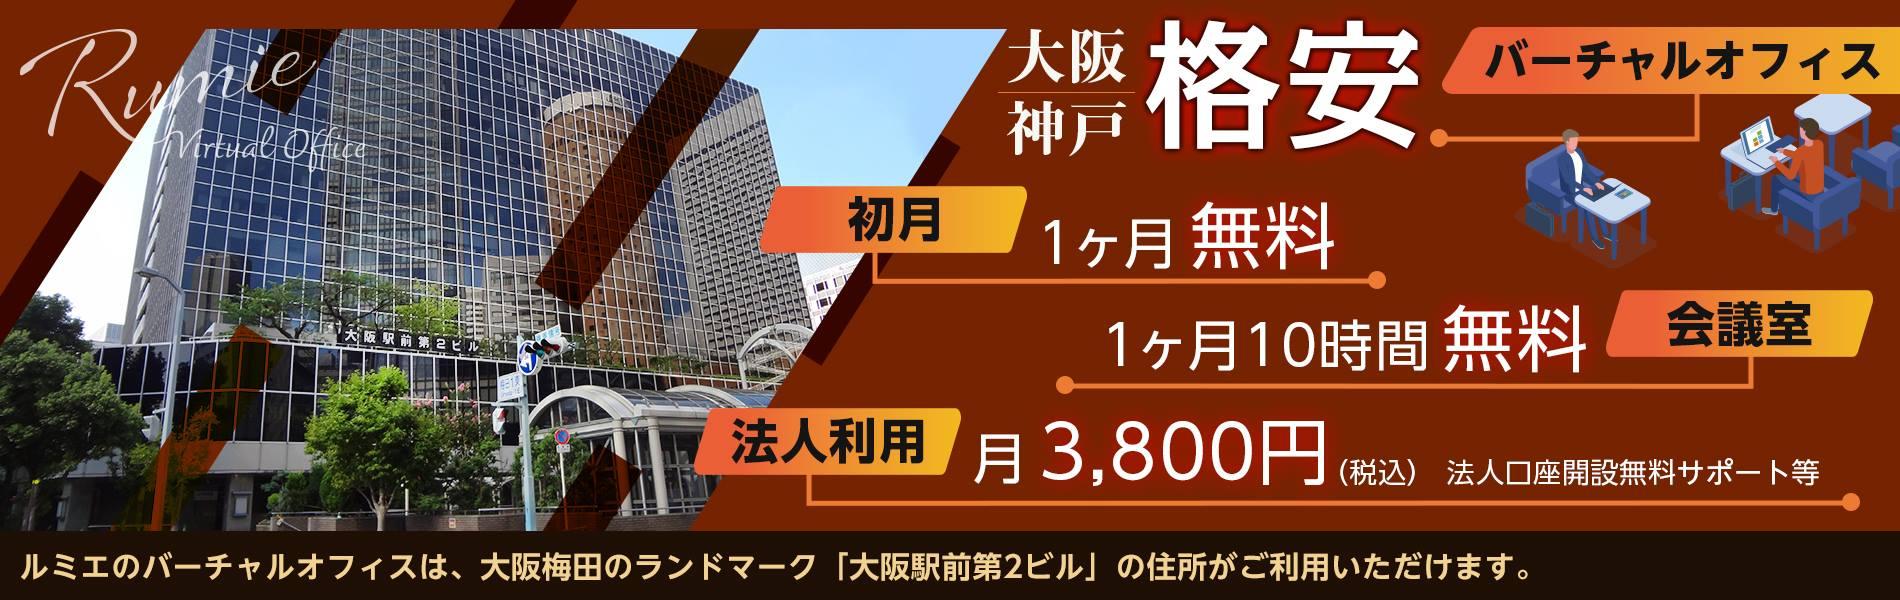 ルミエバーチャルオフィスの大阪駅前第2ビル